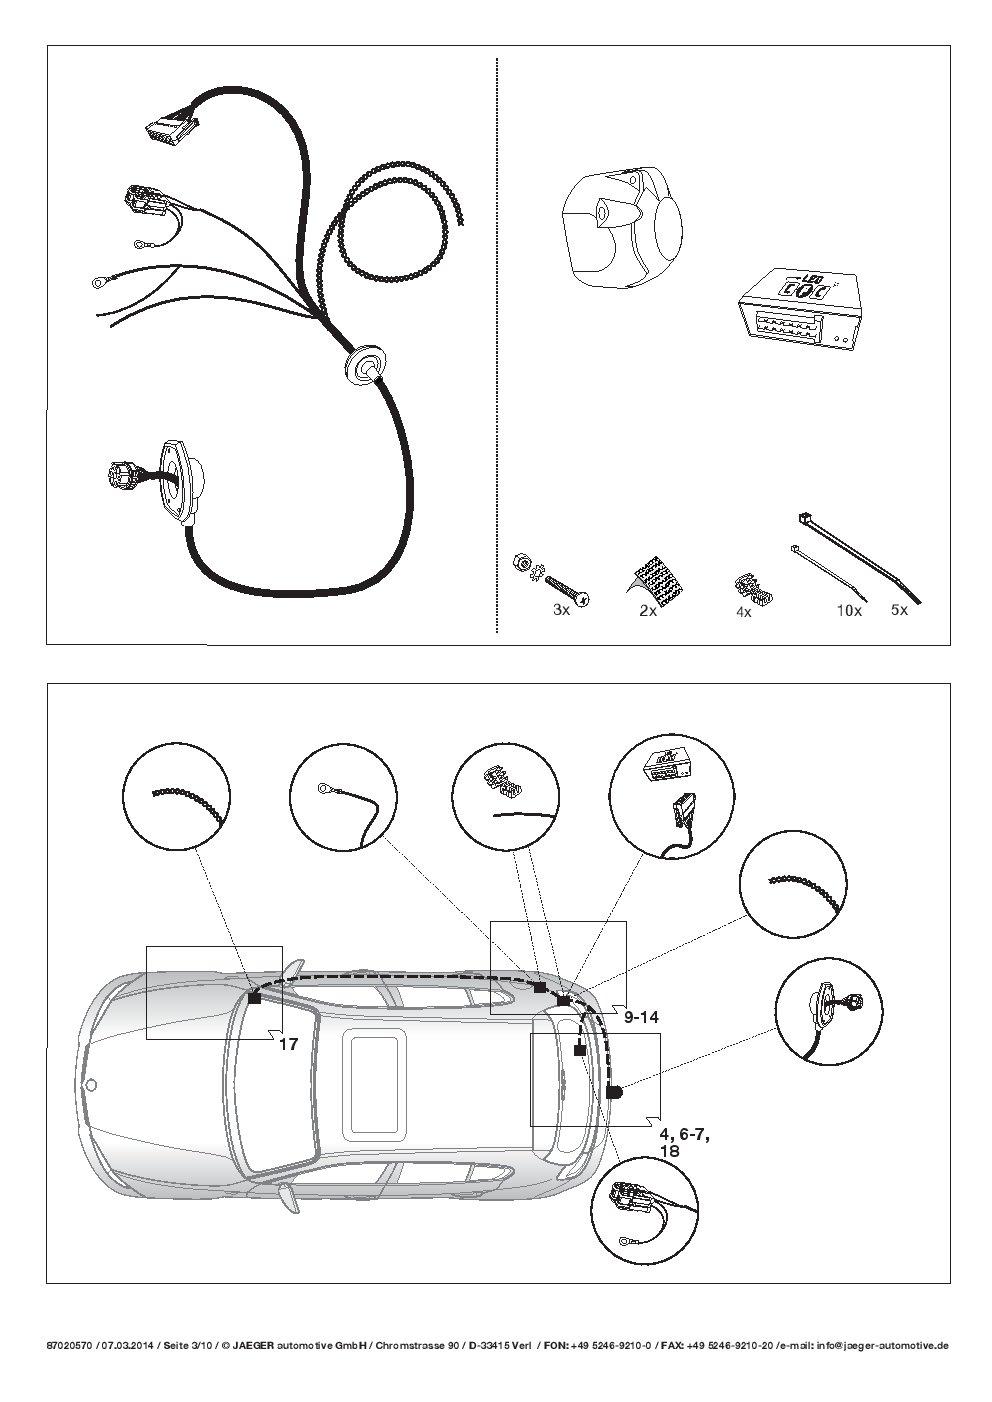 Umbra AHK Vertical Remolque Desmontable con 7p Índice Fischer S Juego de ut060cor26z1vmm/ws12020507de2: Amazon.es: Coche y moto